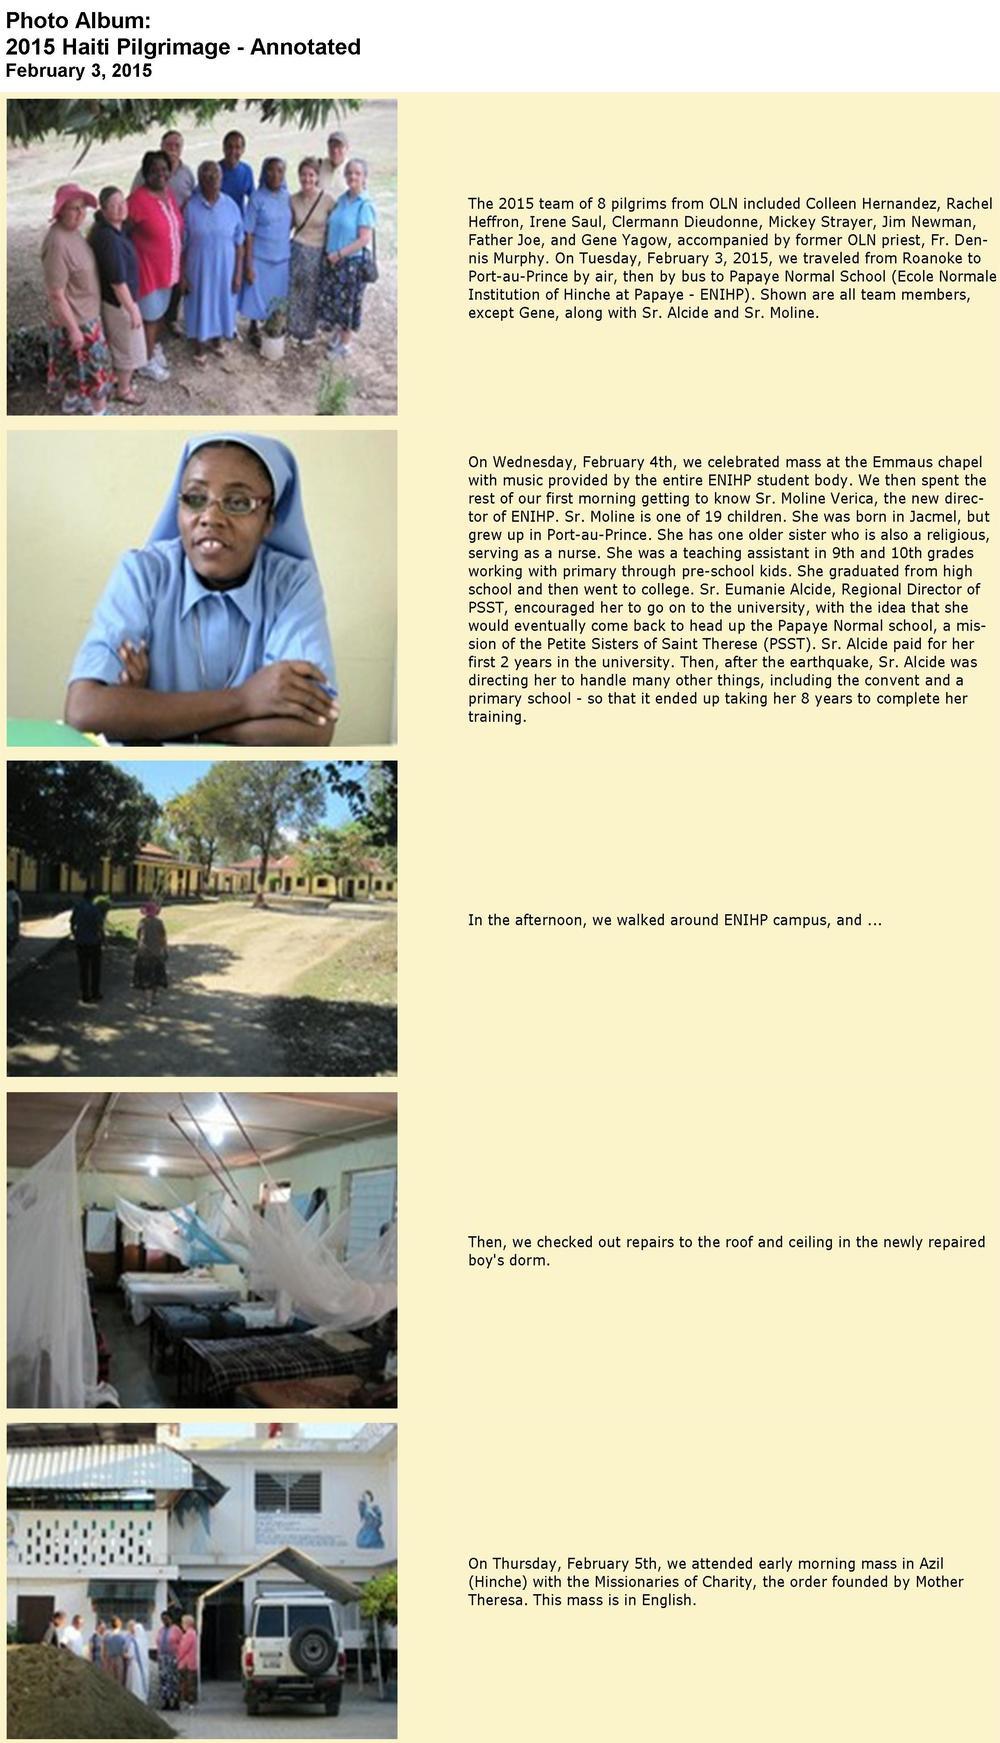 2015 Annotated Photo AlbumP1.jpg